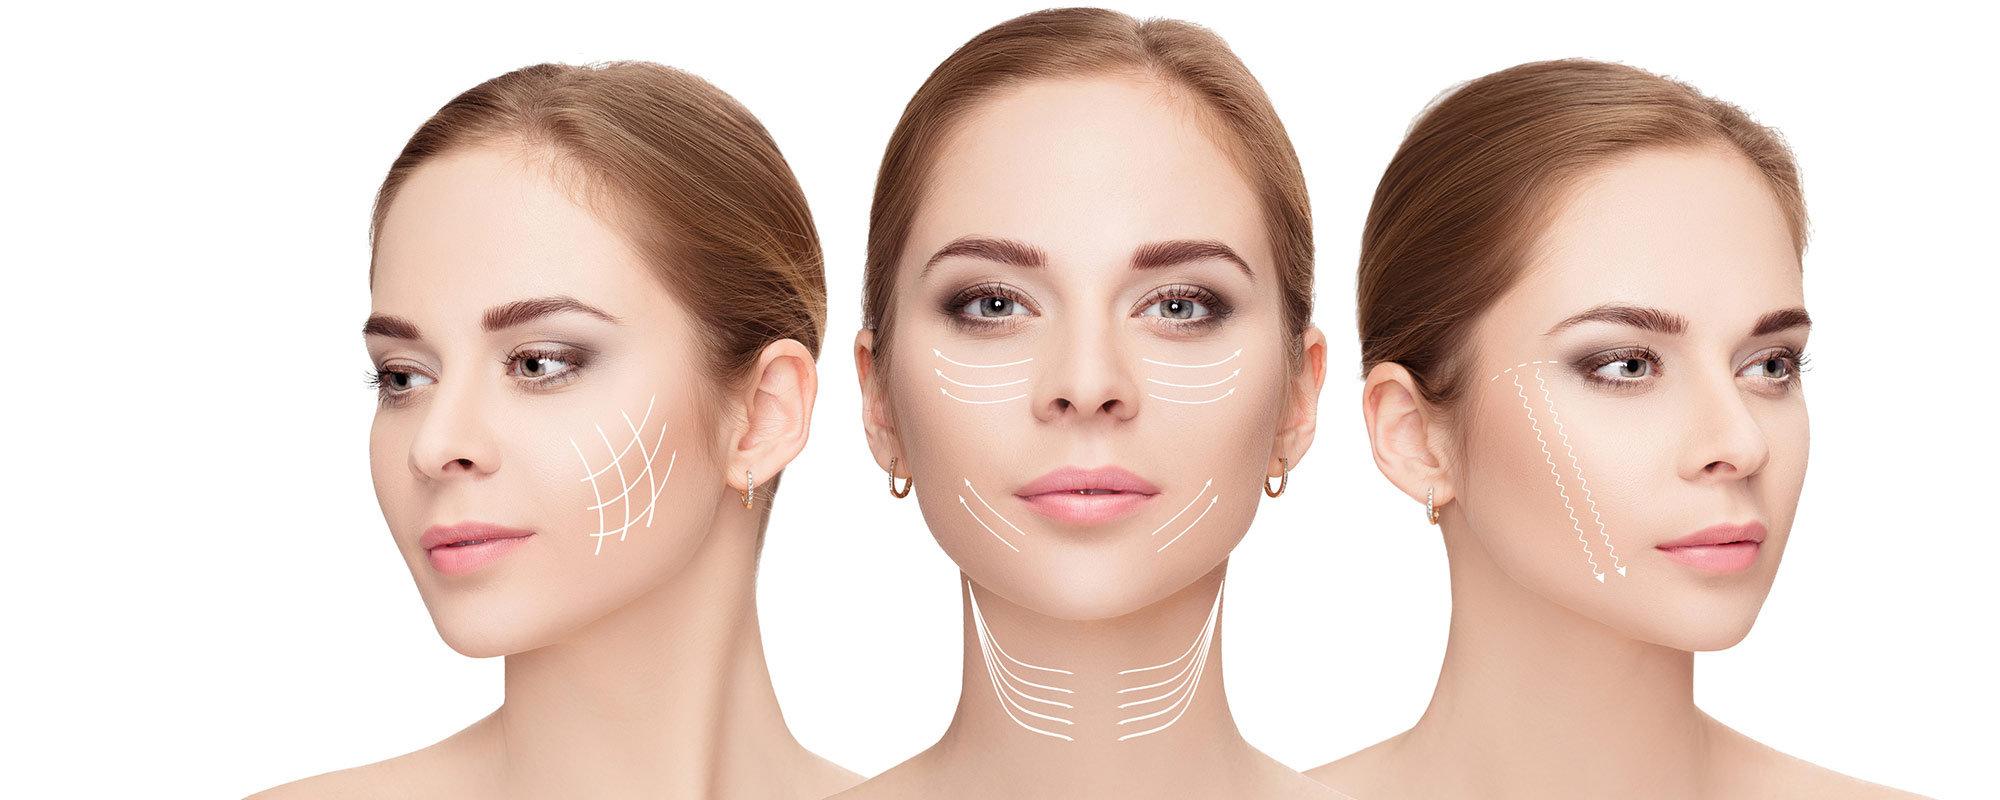 HIFU Face-Lifting pro Zone